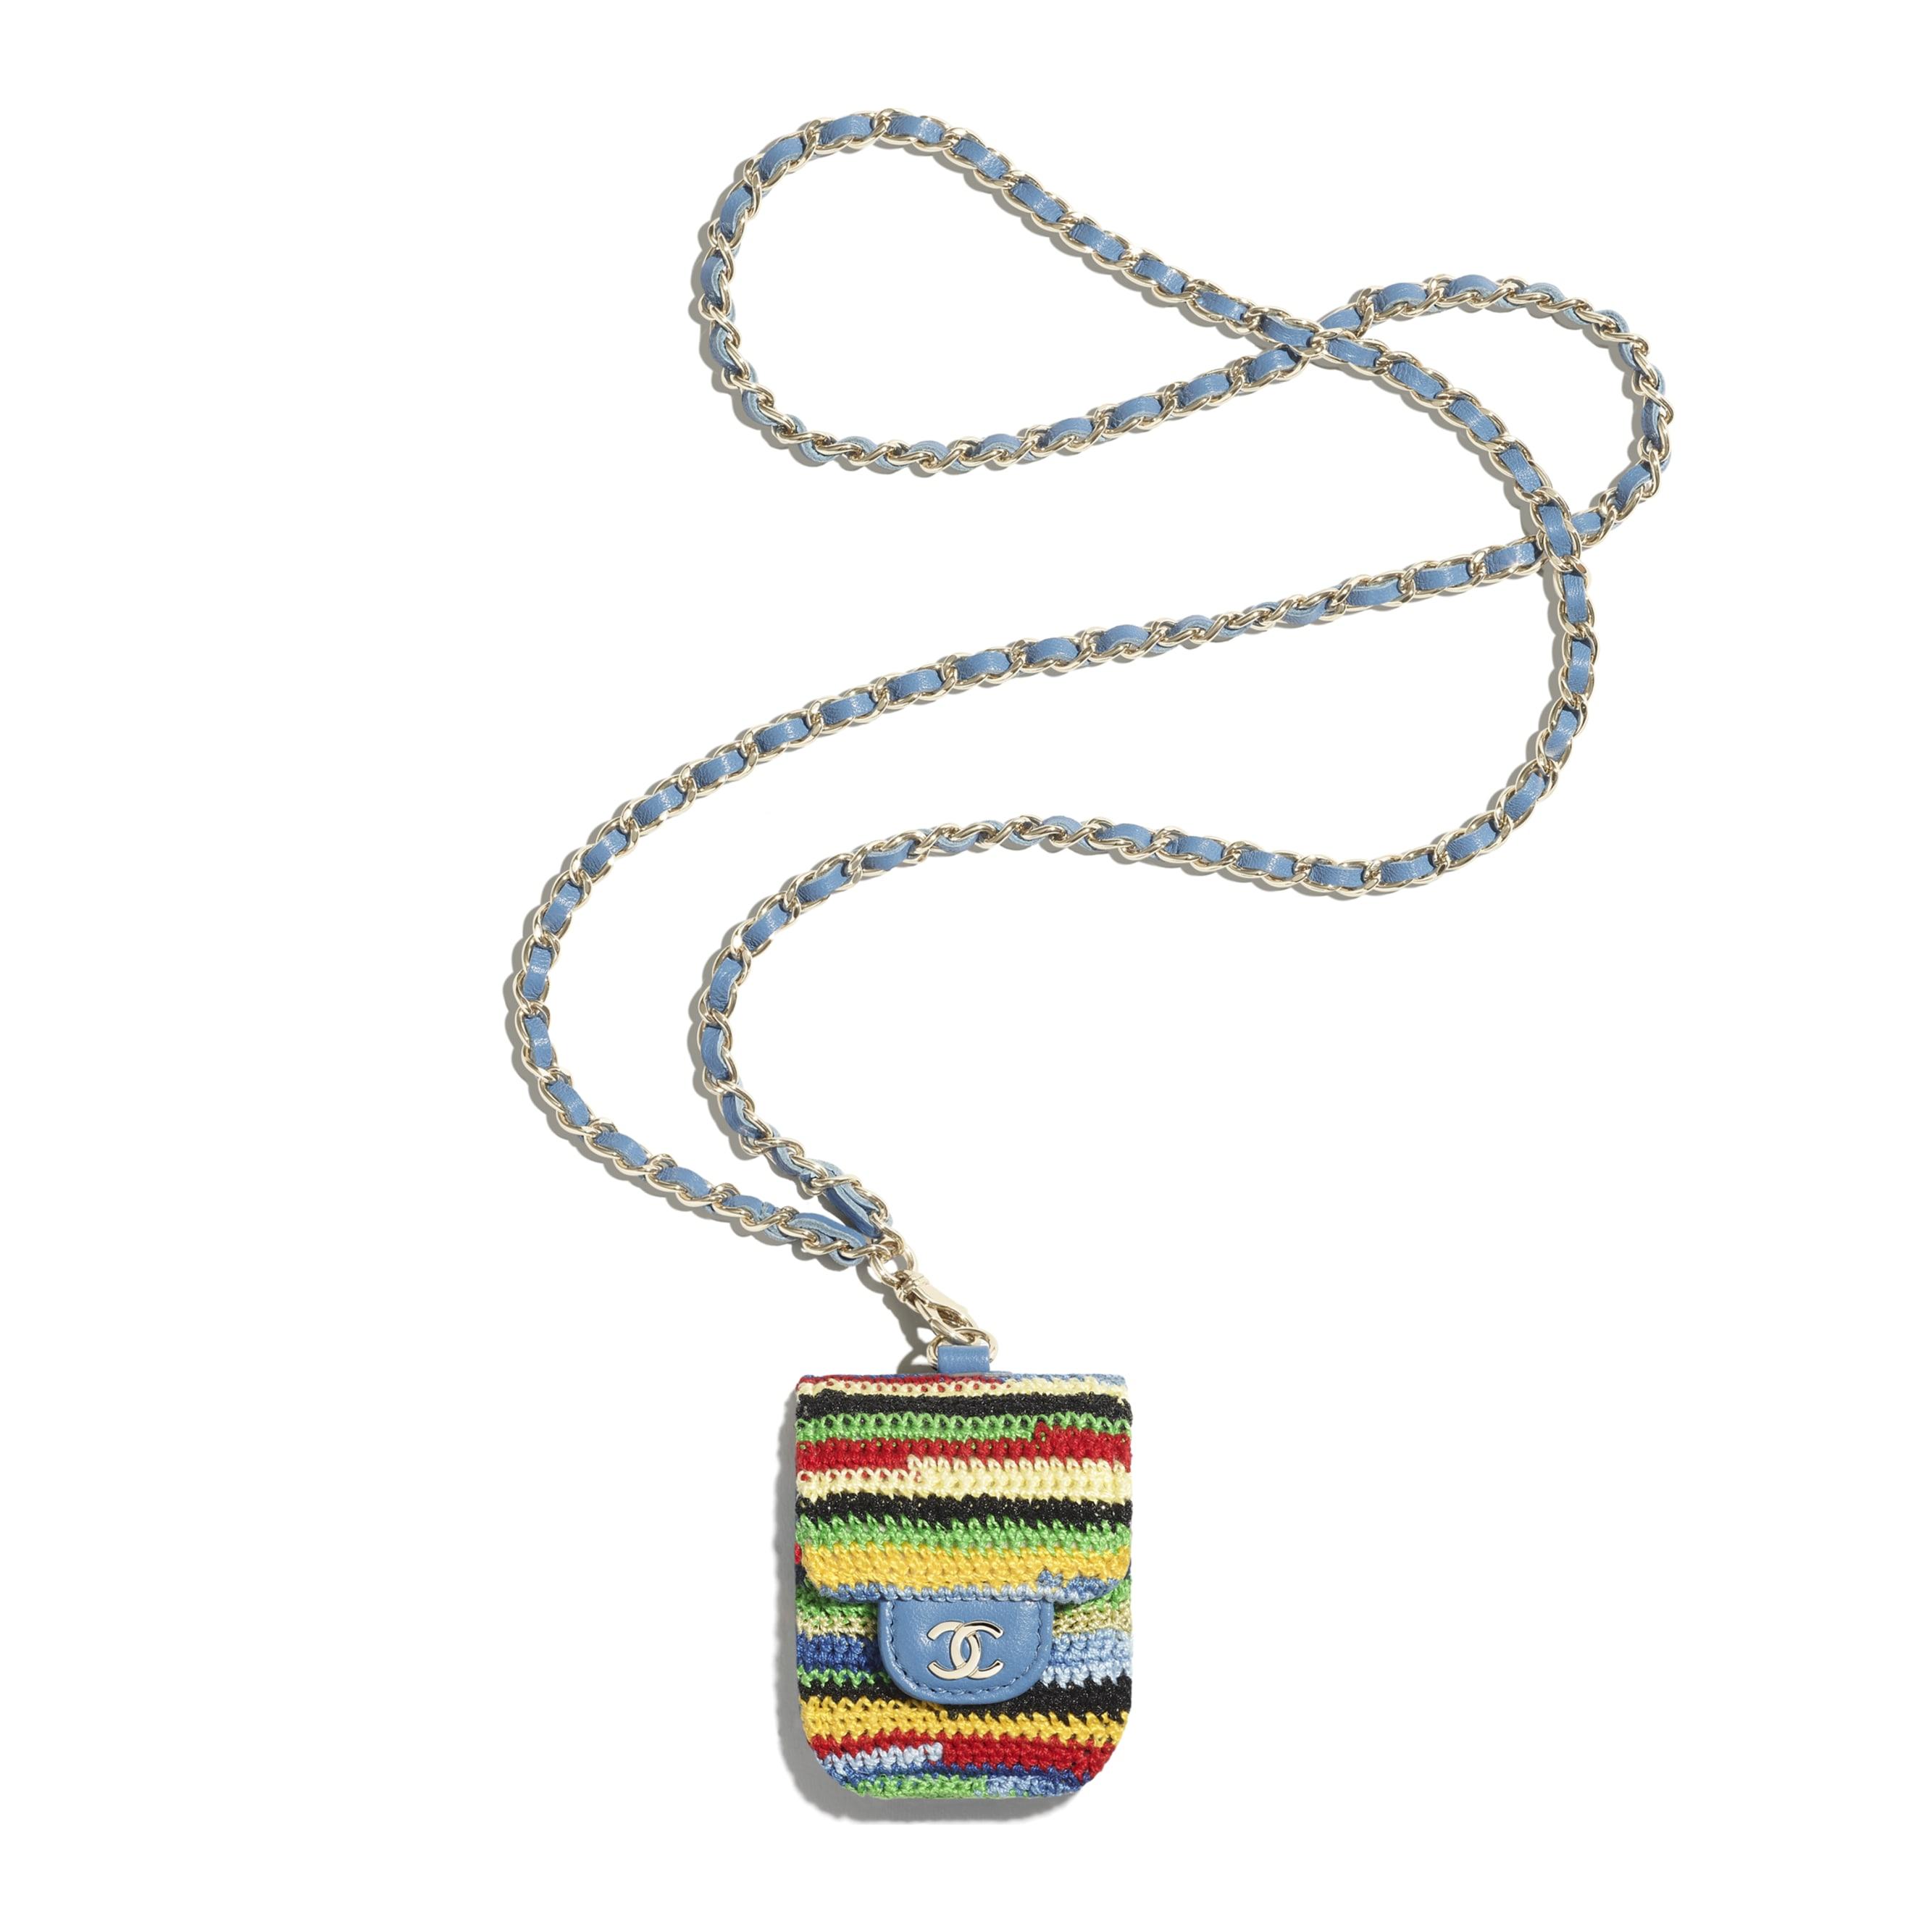 Etui na suchawki AirPods - Kolor wielobarwny - Wyszywana dzianina szydełkowa i metal w tonacji złotej - CHANEL - Widok domyślny – zobacz w standardowym rozmiarze